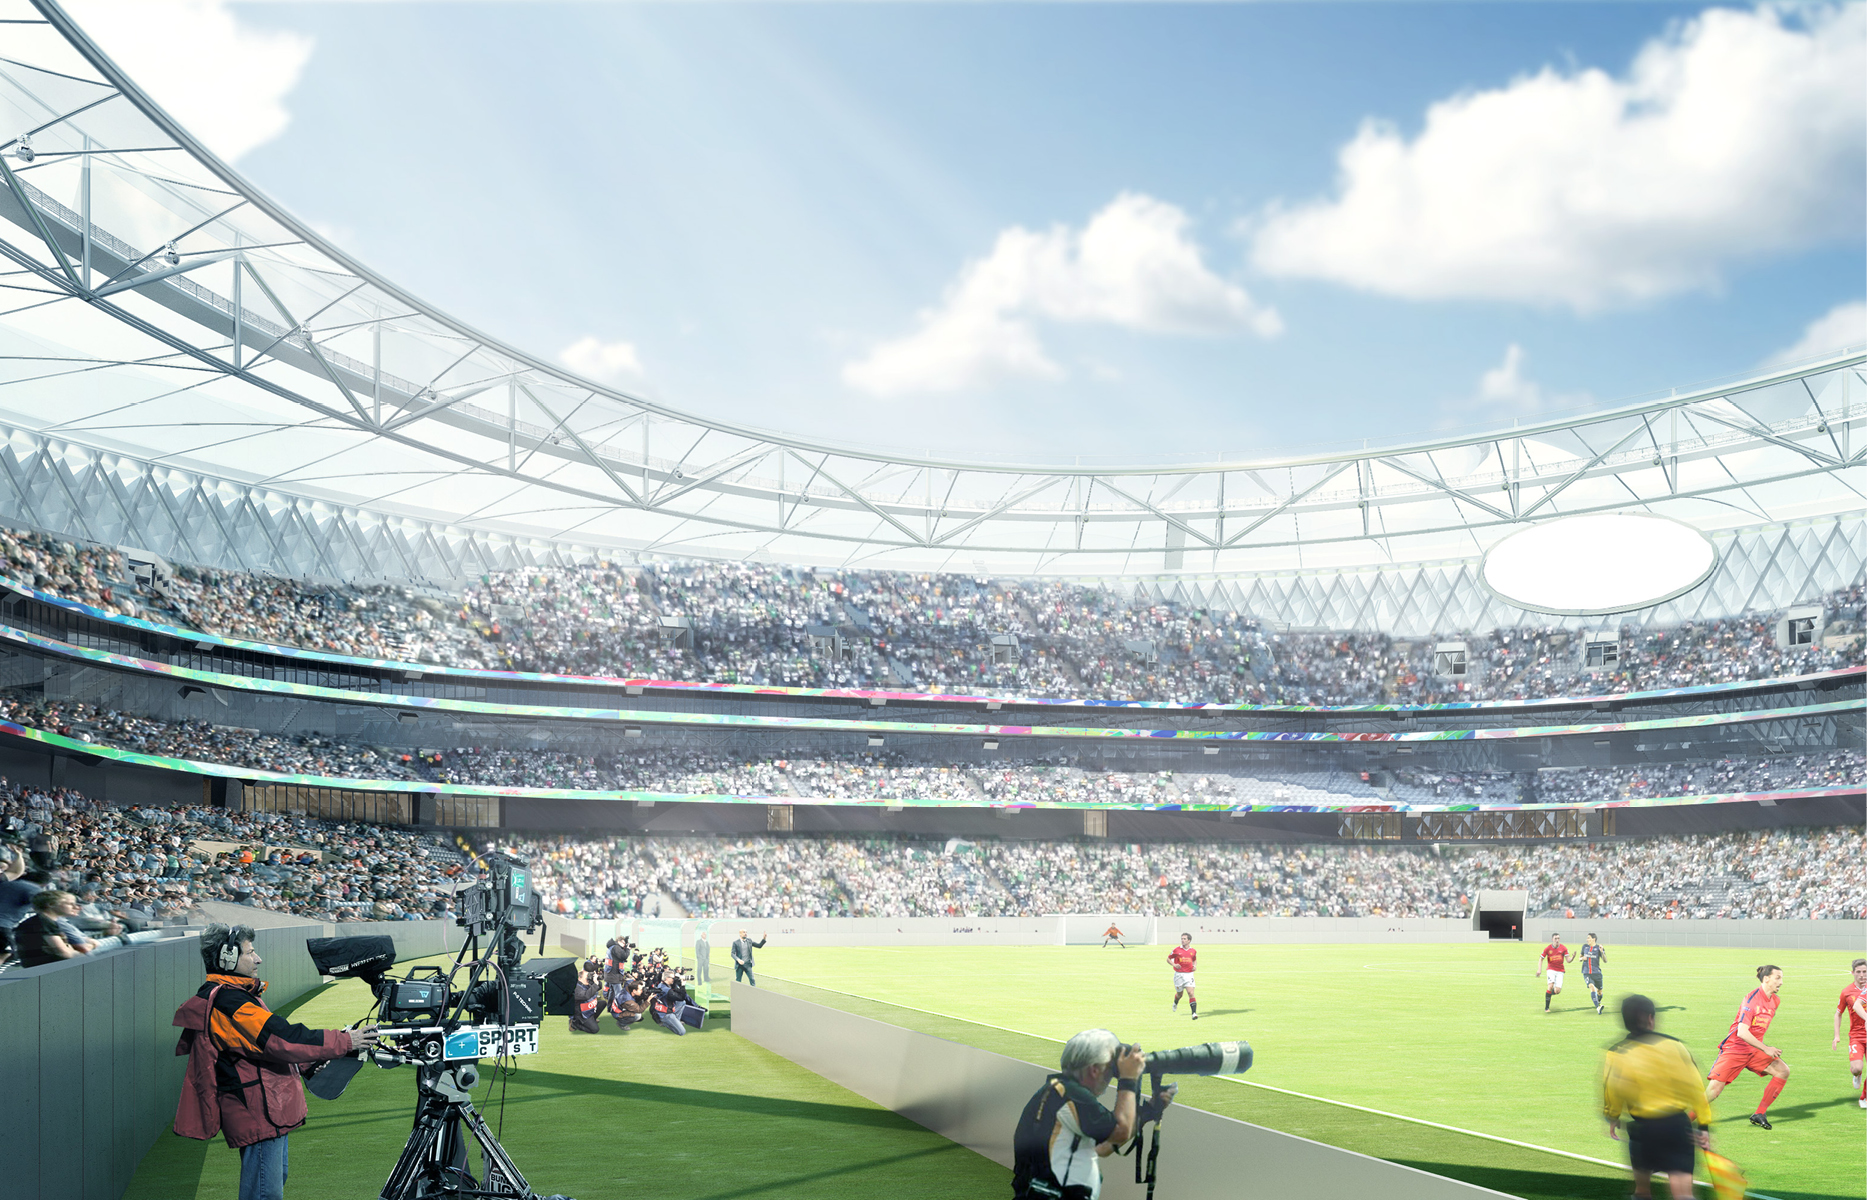 Стадион Мохаммеда бин Рашида станет частью проекта Sports Innovation Lab, который призван превратить Дубай в один из ведущих спортивных городов мира. Так, новая арена сможет принимать не только футбольные матчи, но и другие виды спорта